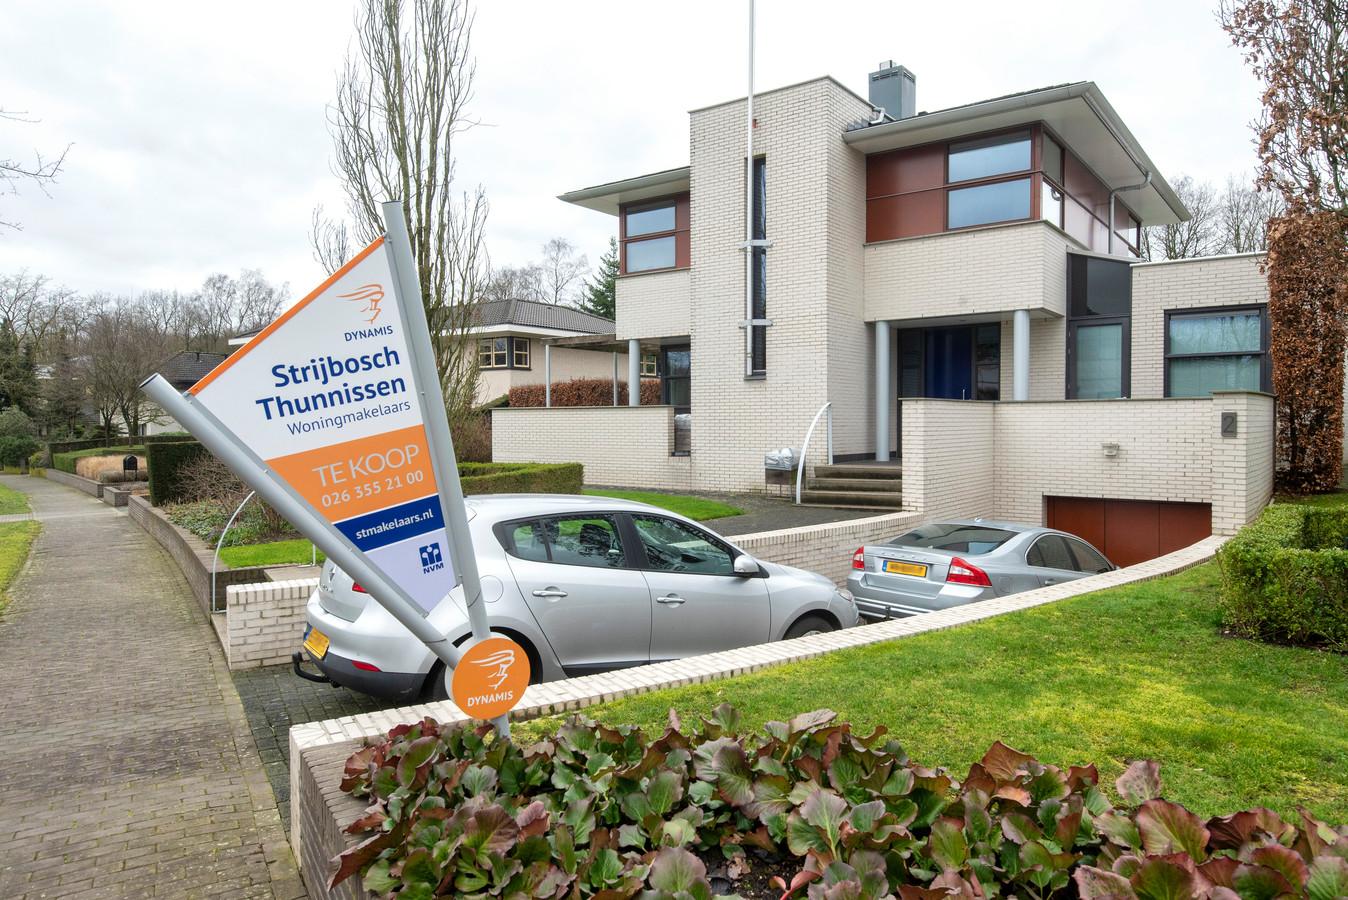 Te koop staand huis in Rozendaal, archieffoto ter illustratie.